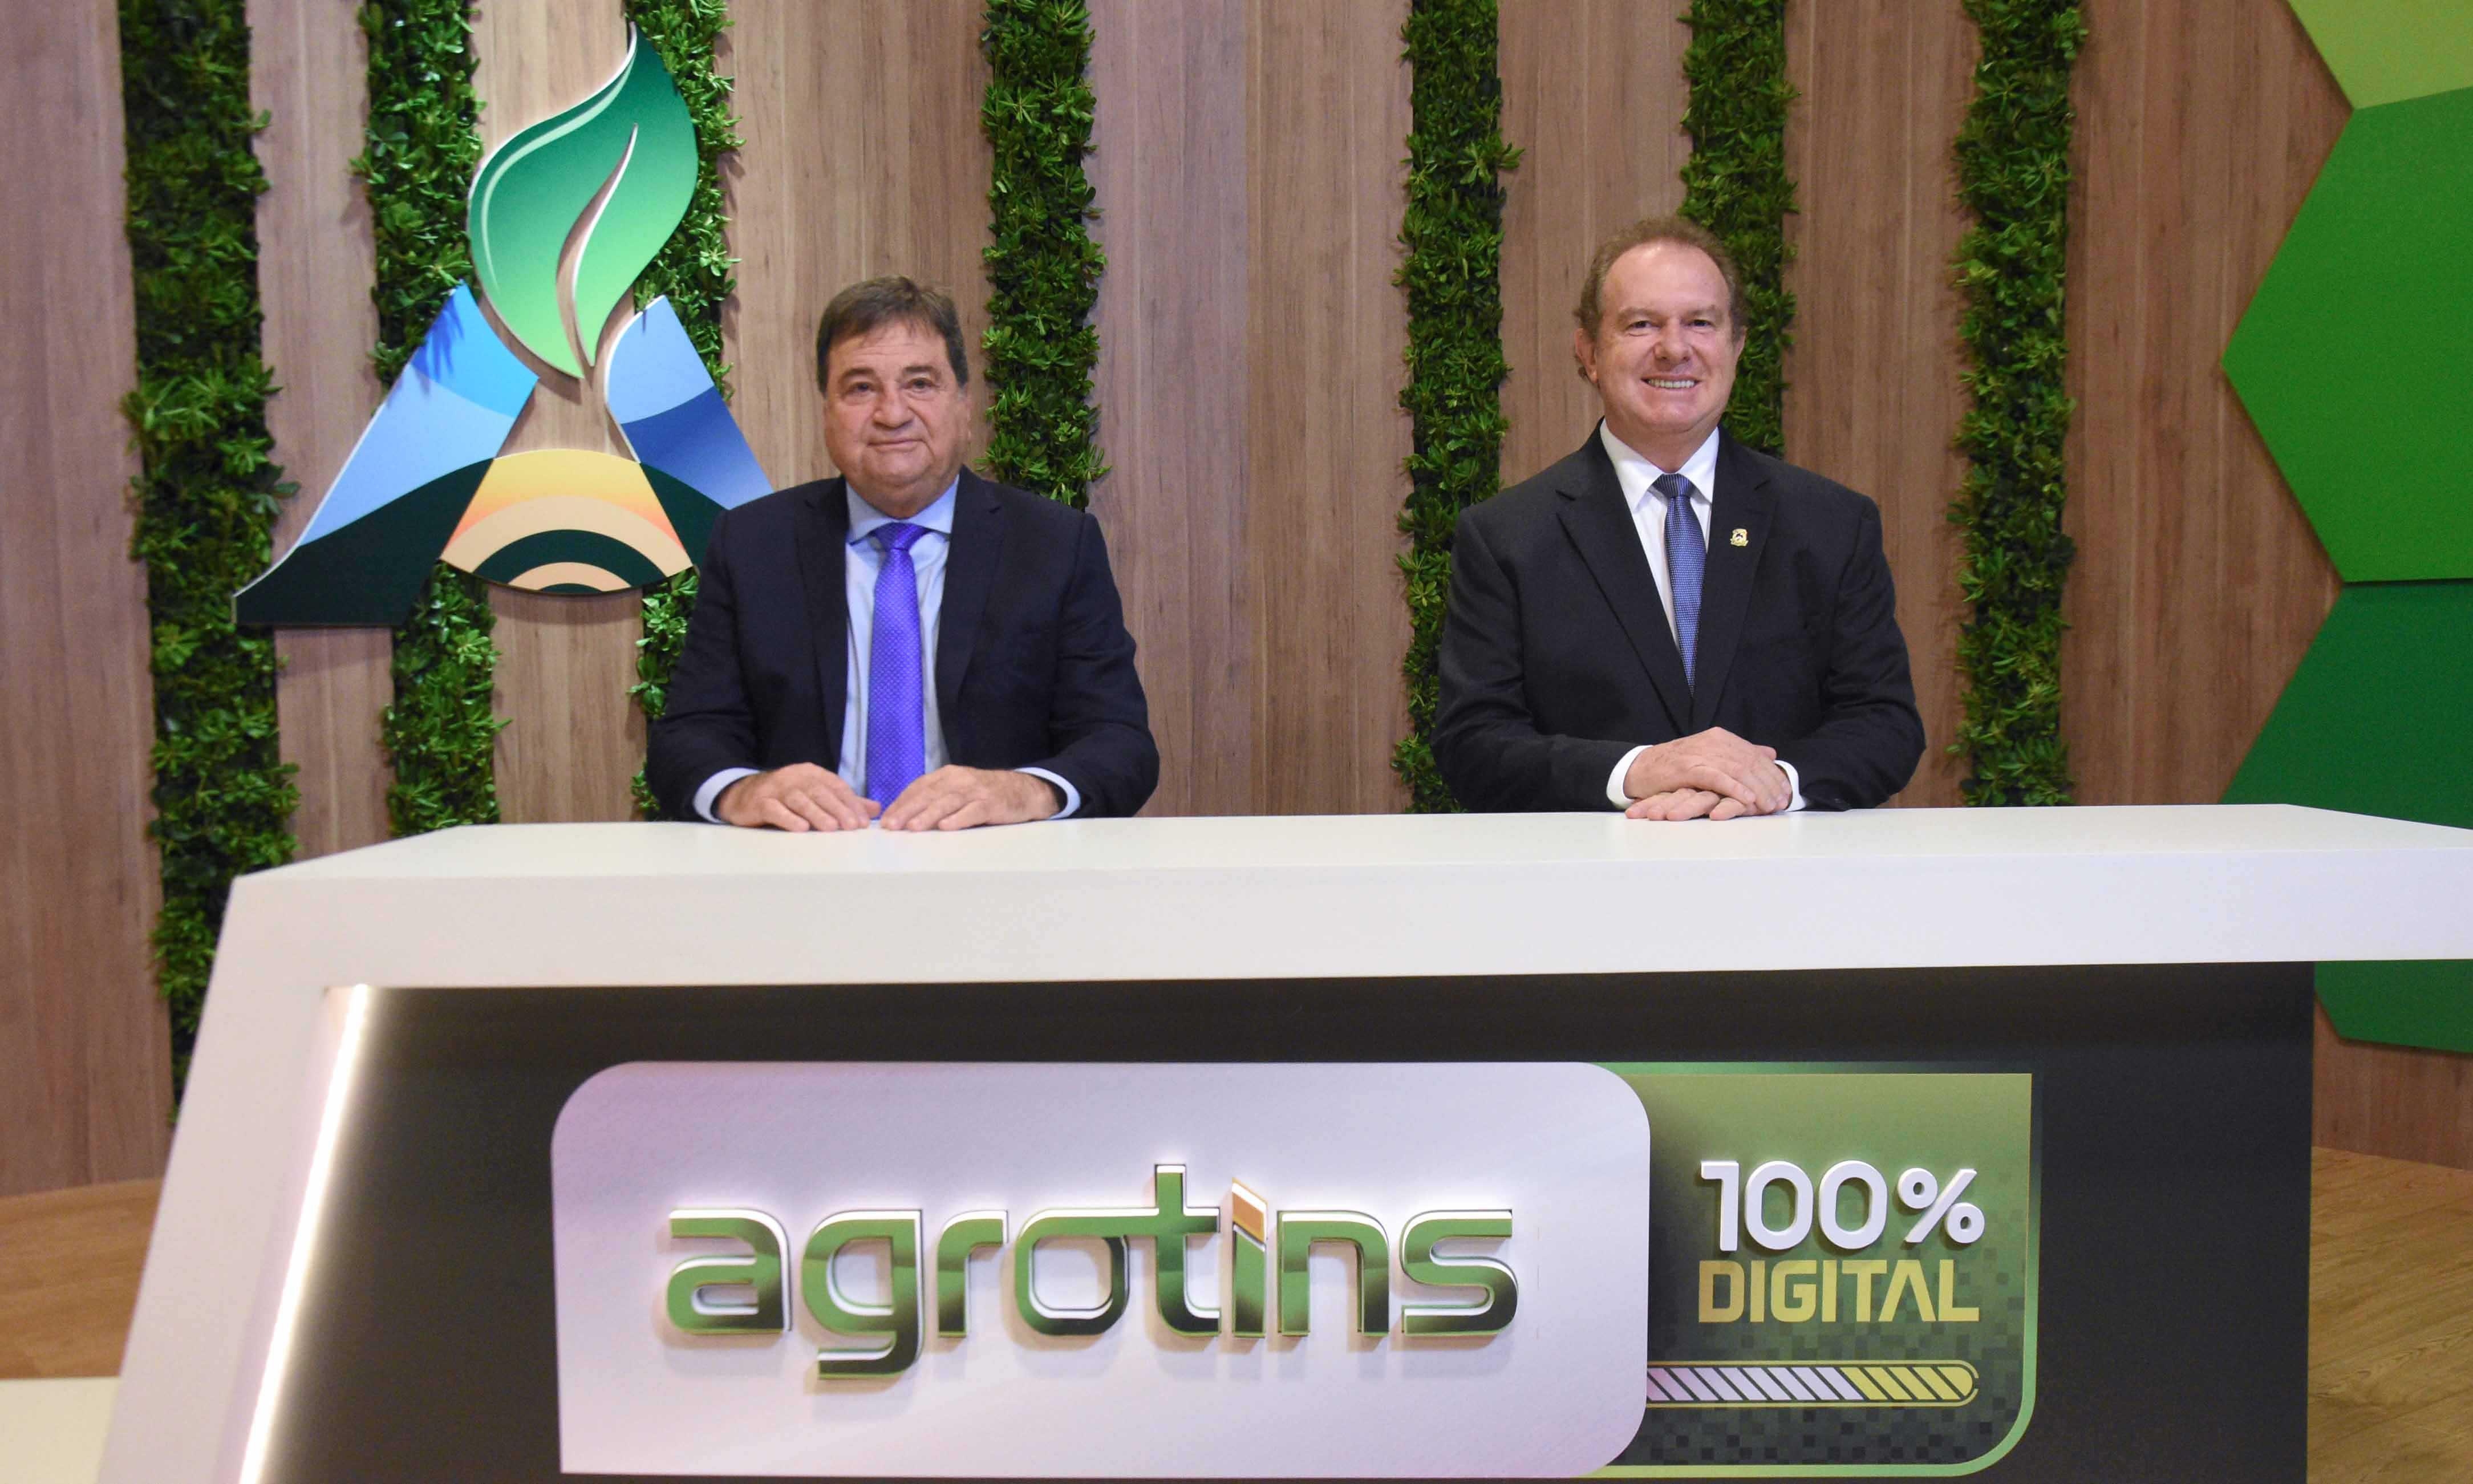 Empresários comemoram bons resultados obtidos com Agrotins 2020 100% Digital